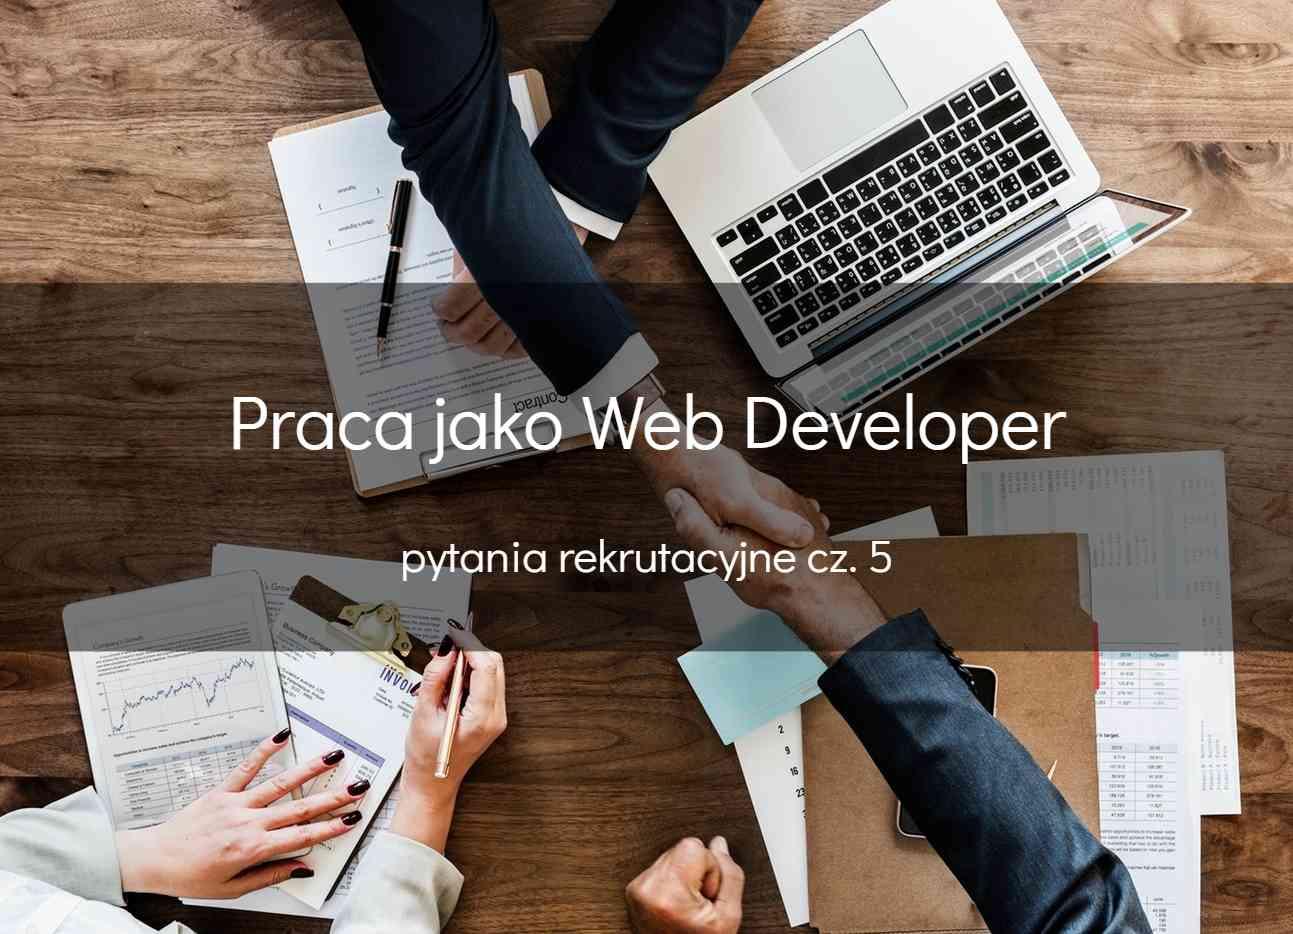 Pytania rekrutacyjne Web Developer cz. 5 - okładka